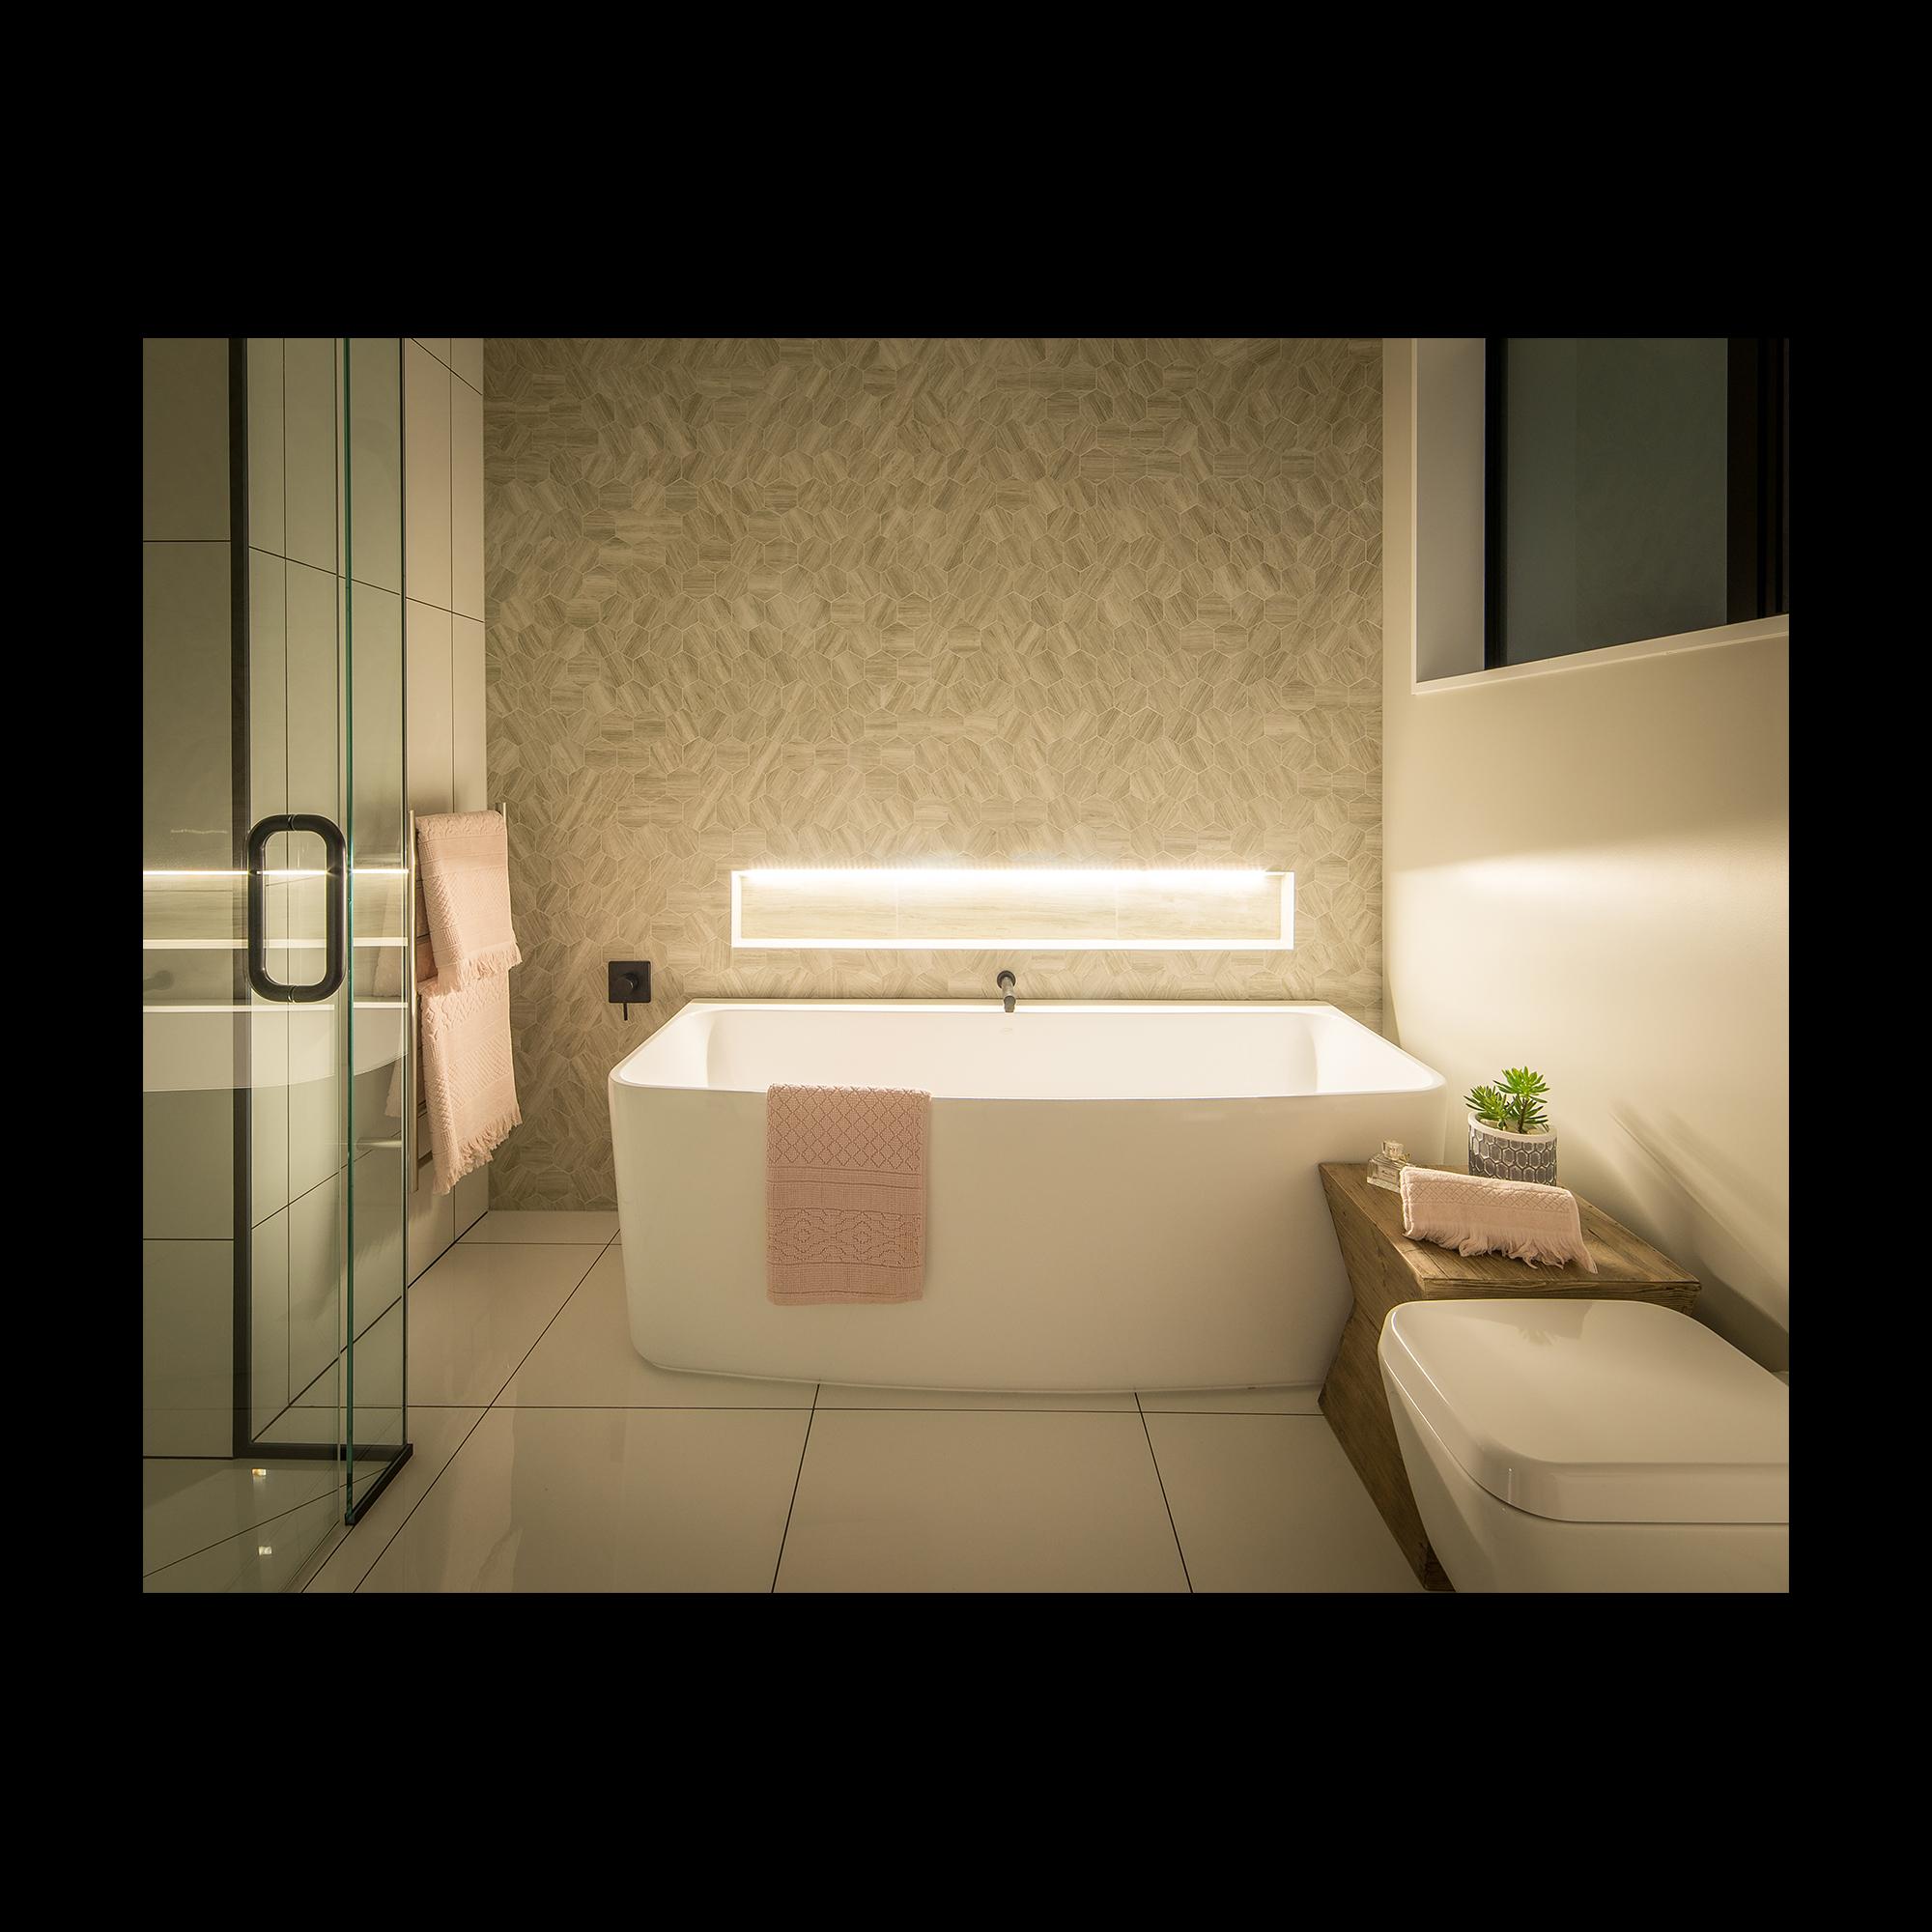 Chillin' in the bath